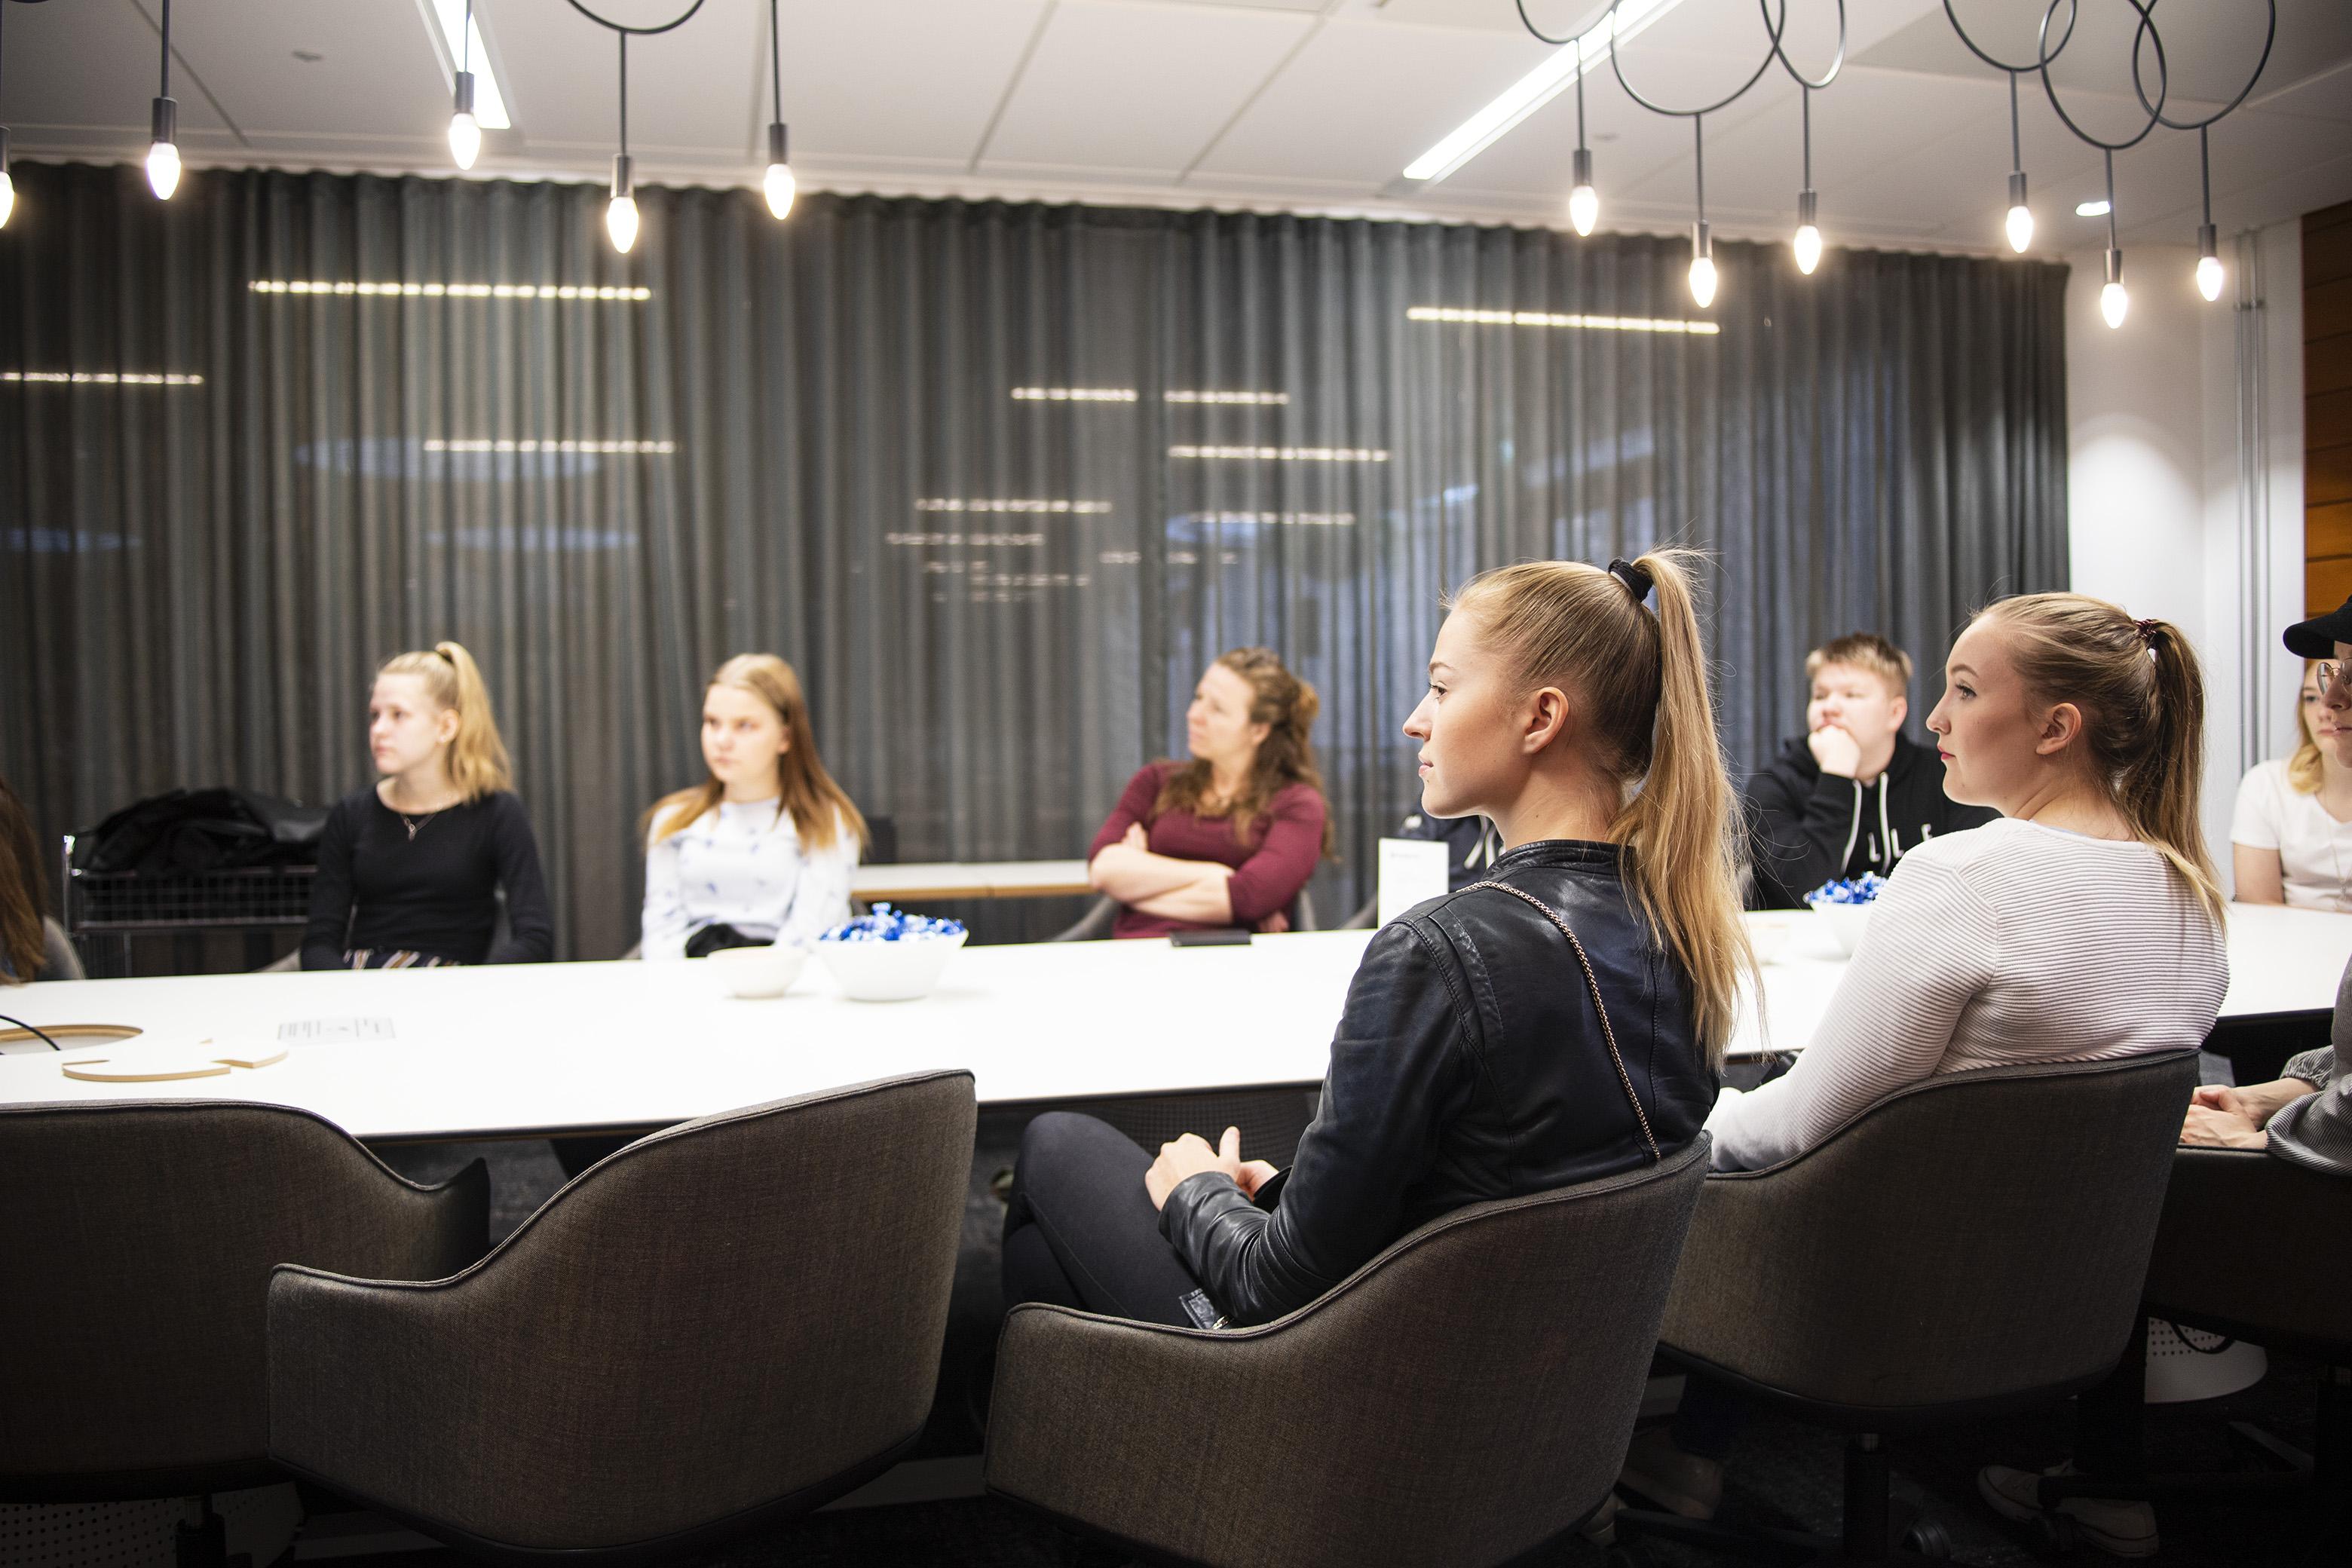 Oppilaita kuuntelemassa esitystä pöydän ympärillä Tilastokeskuksen tiloissa.